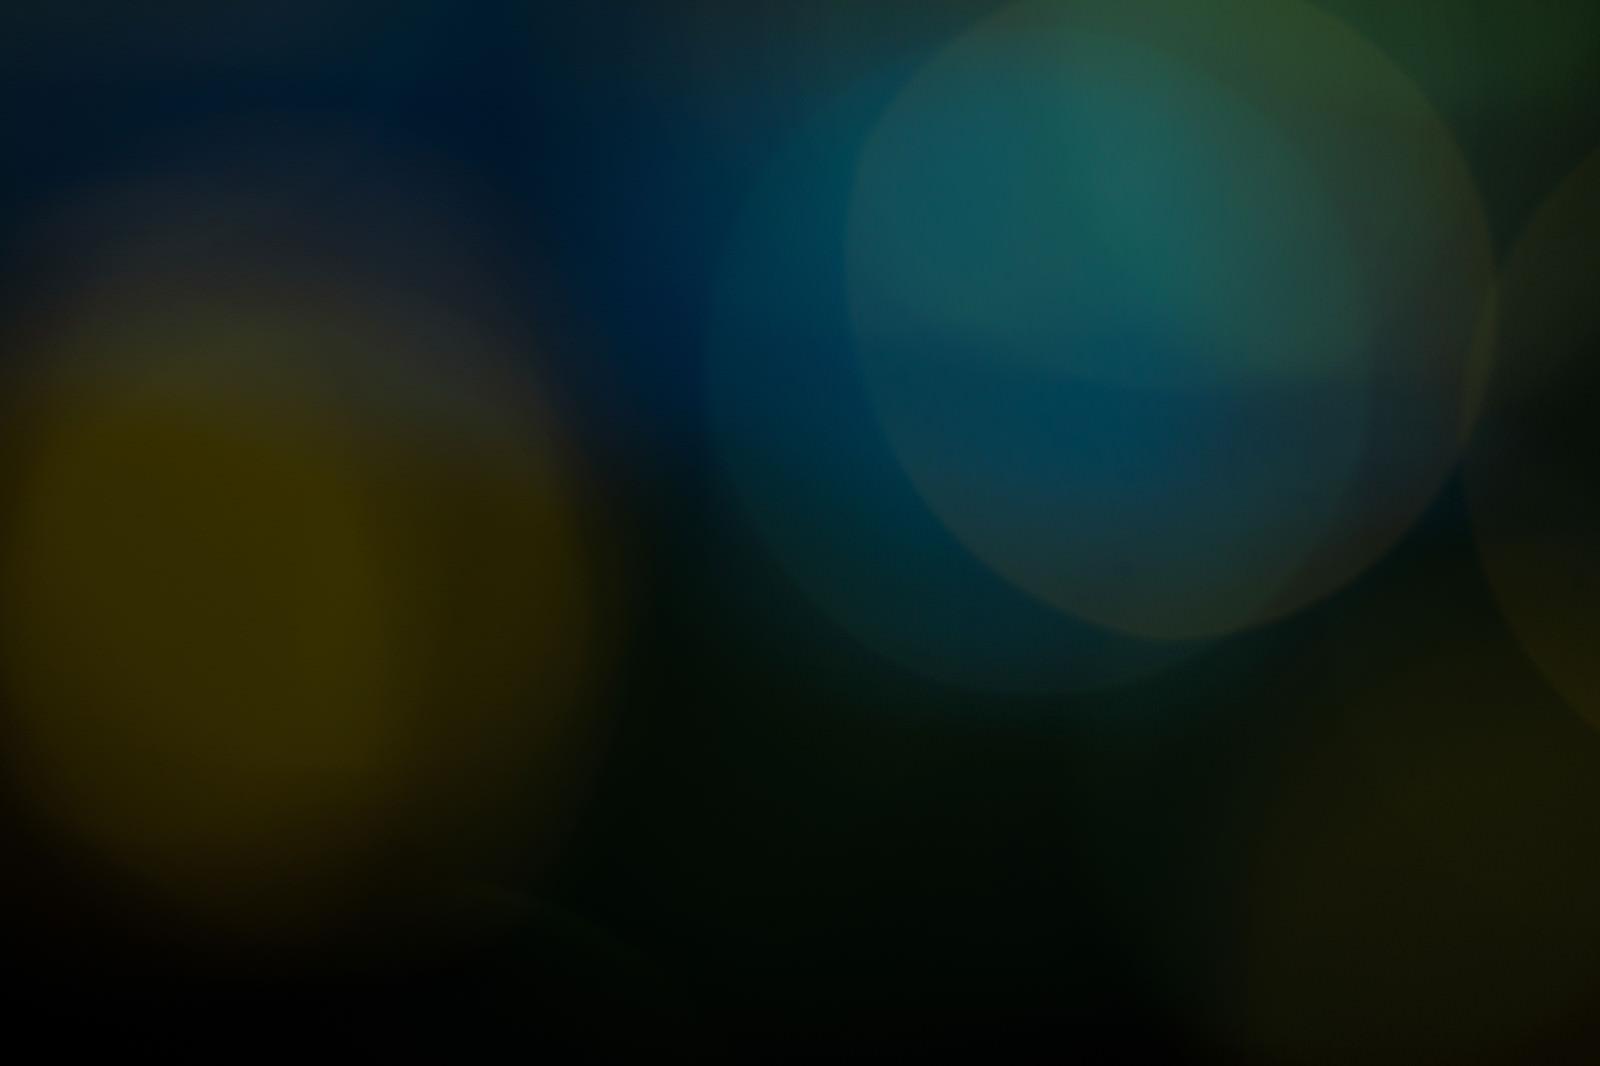 「暗闇の中のわずかな光」の写真